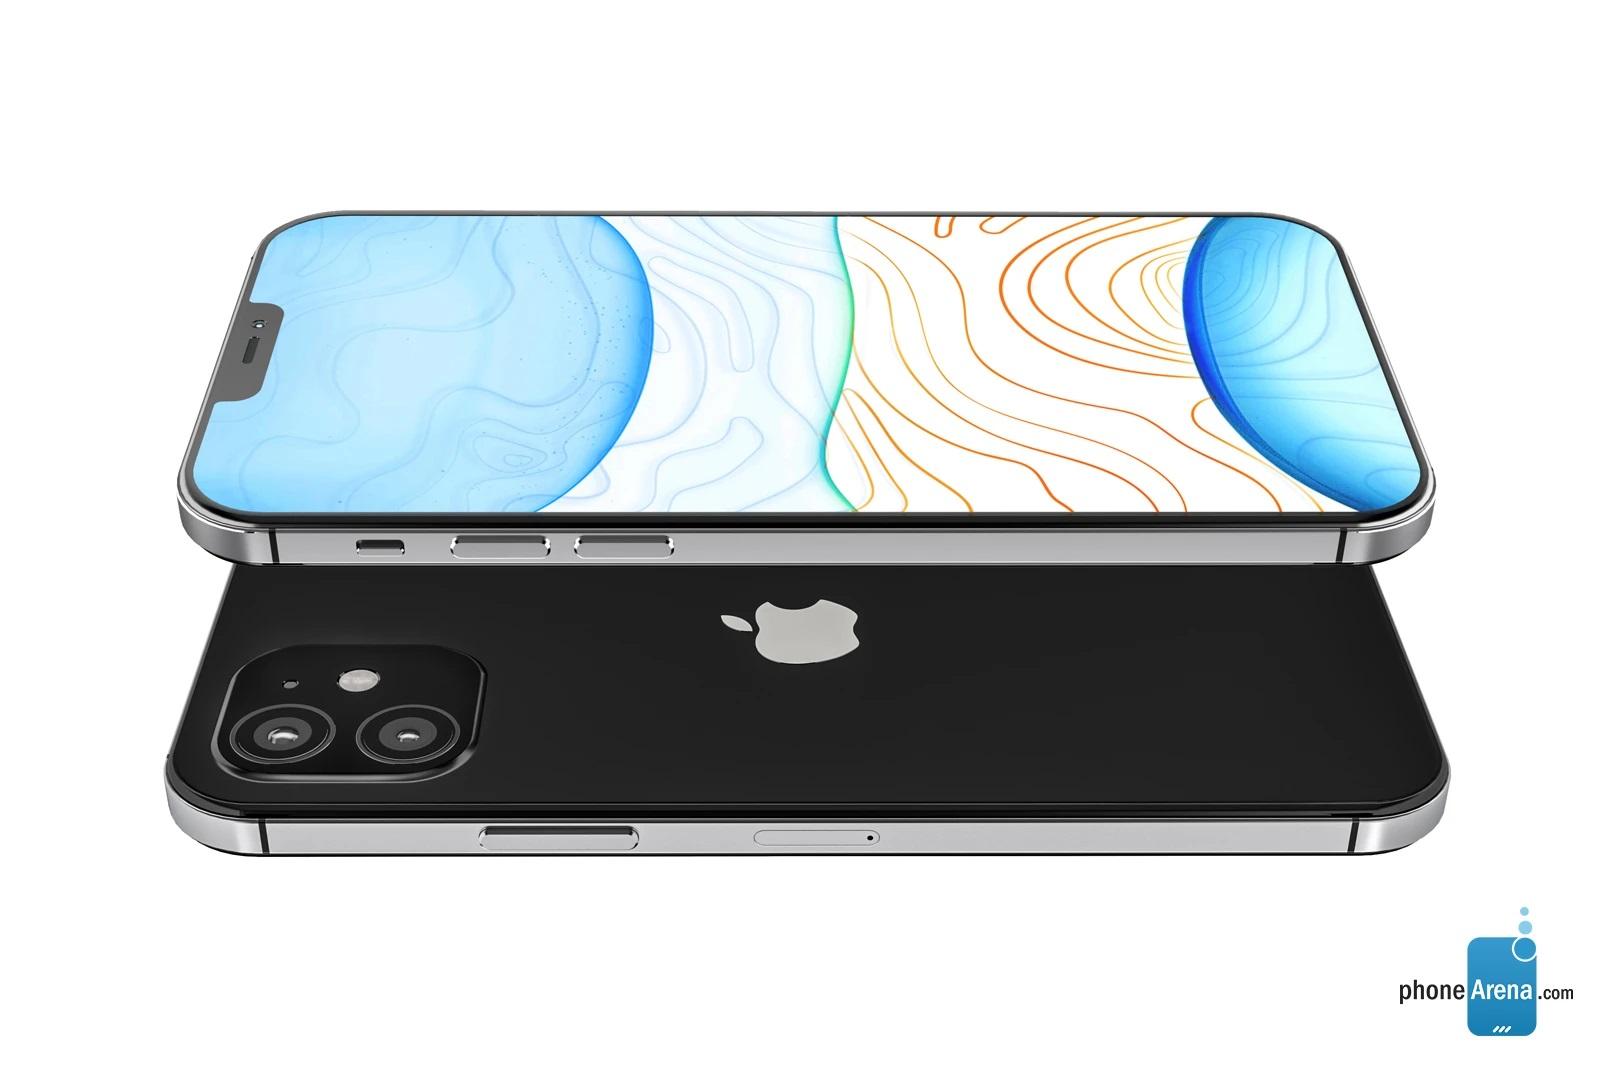 Arrivano ulteriori dettagli sull'iPhone 12 5G, fra lancio, prezzi, specifiche e disponibilità 1